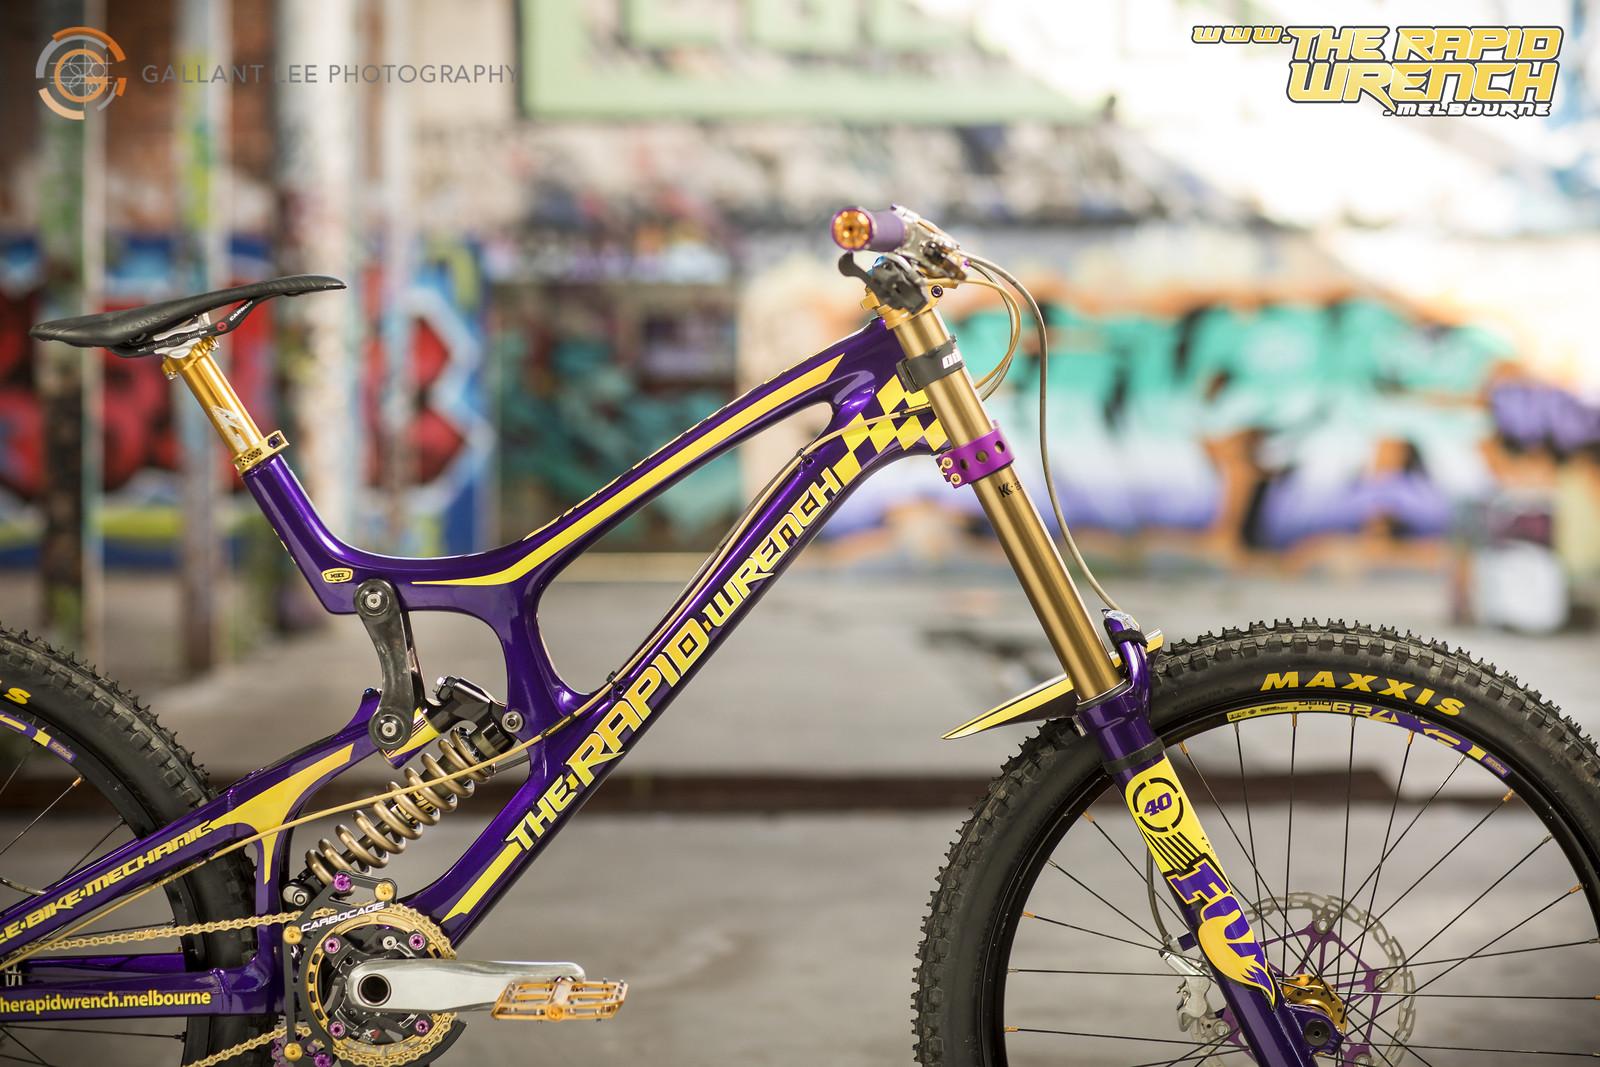 The Rapid Wrench- Santa Cruz V10C Promo Bike